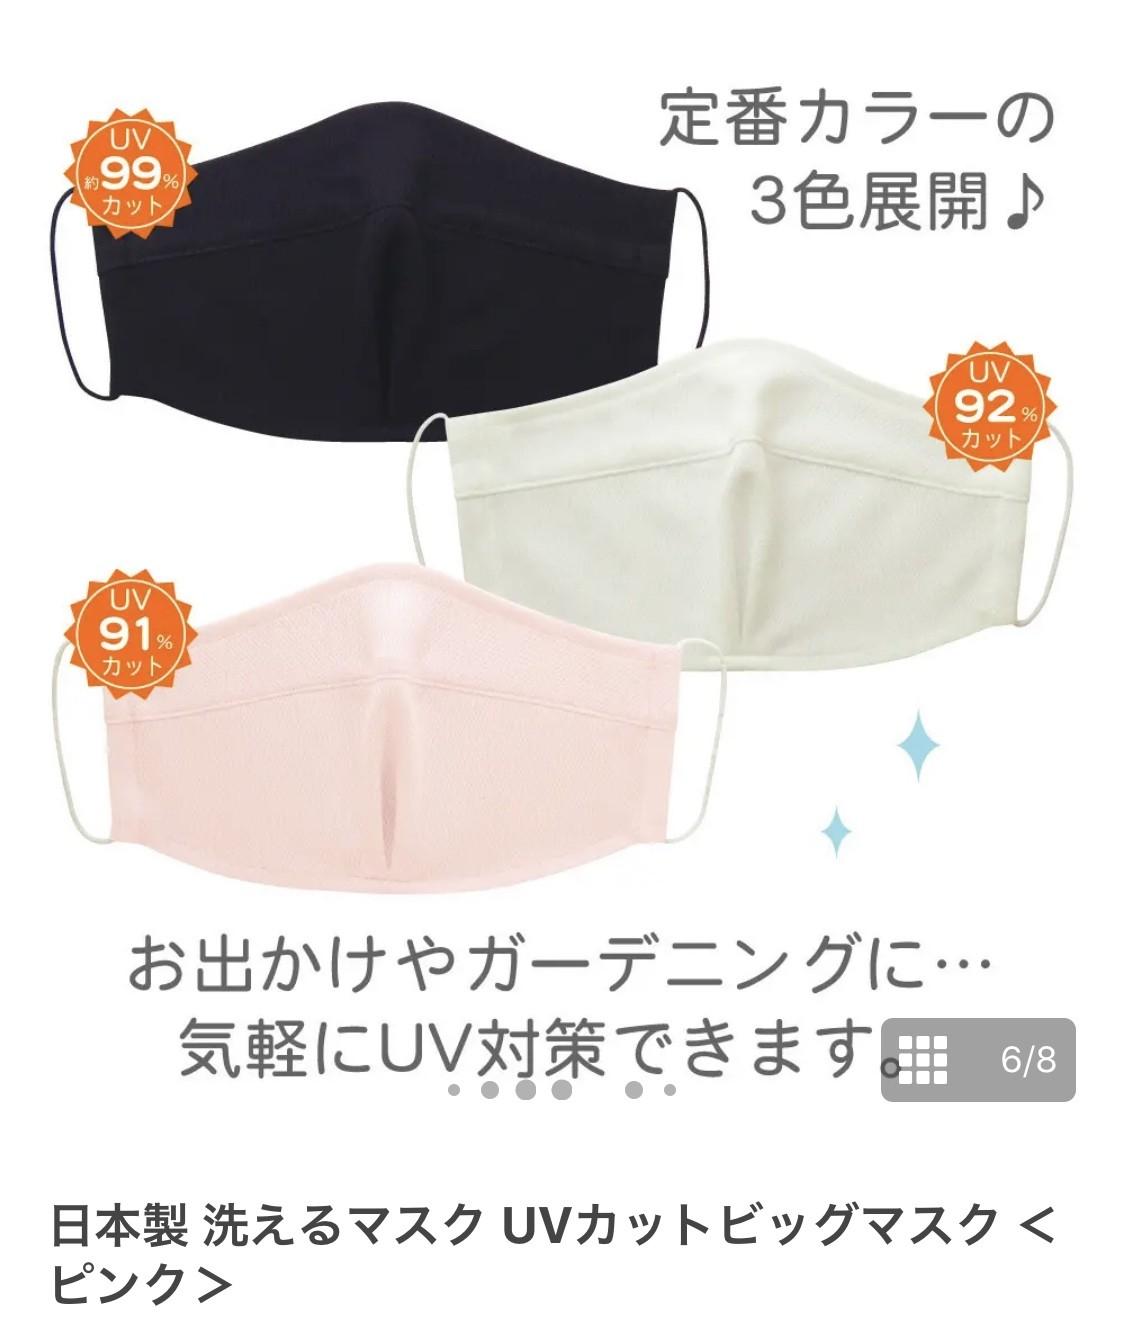 再入庫♡ 日本製 洗えるUVカットビックマスク